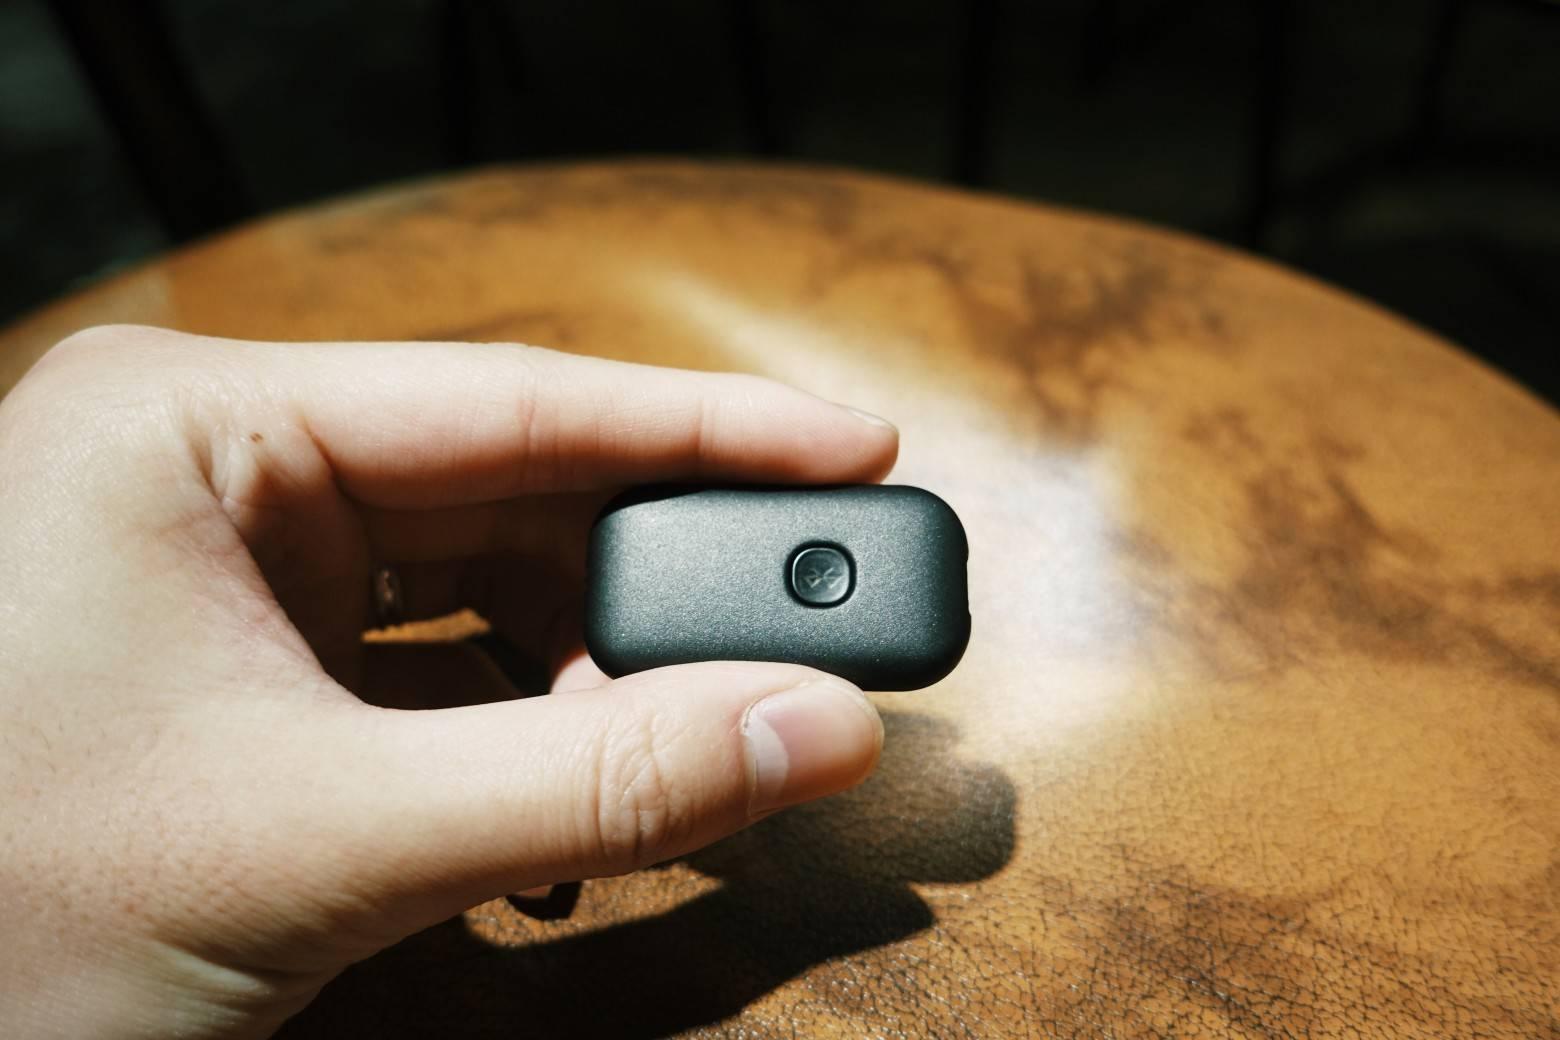 拇指大小,充电使用标准的 Micro-USB